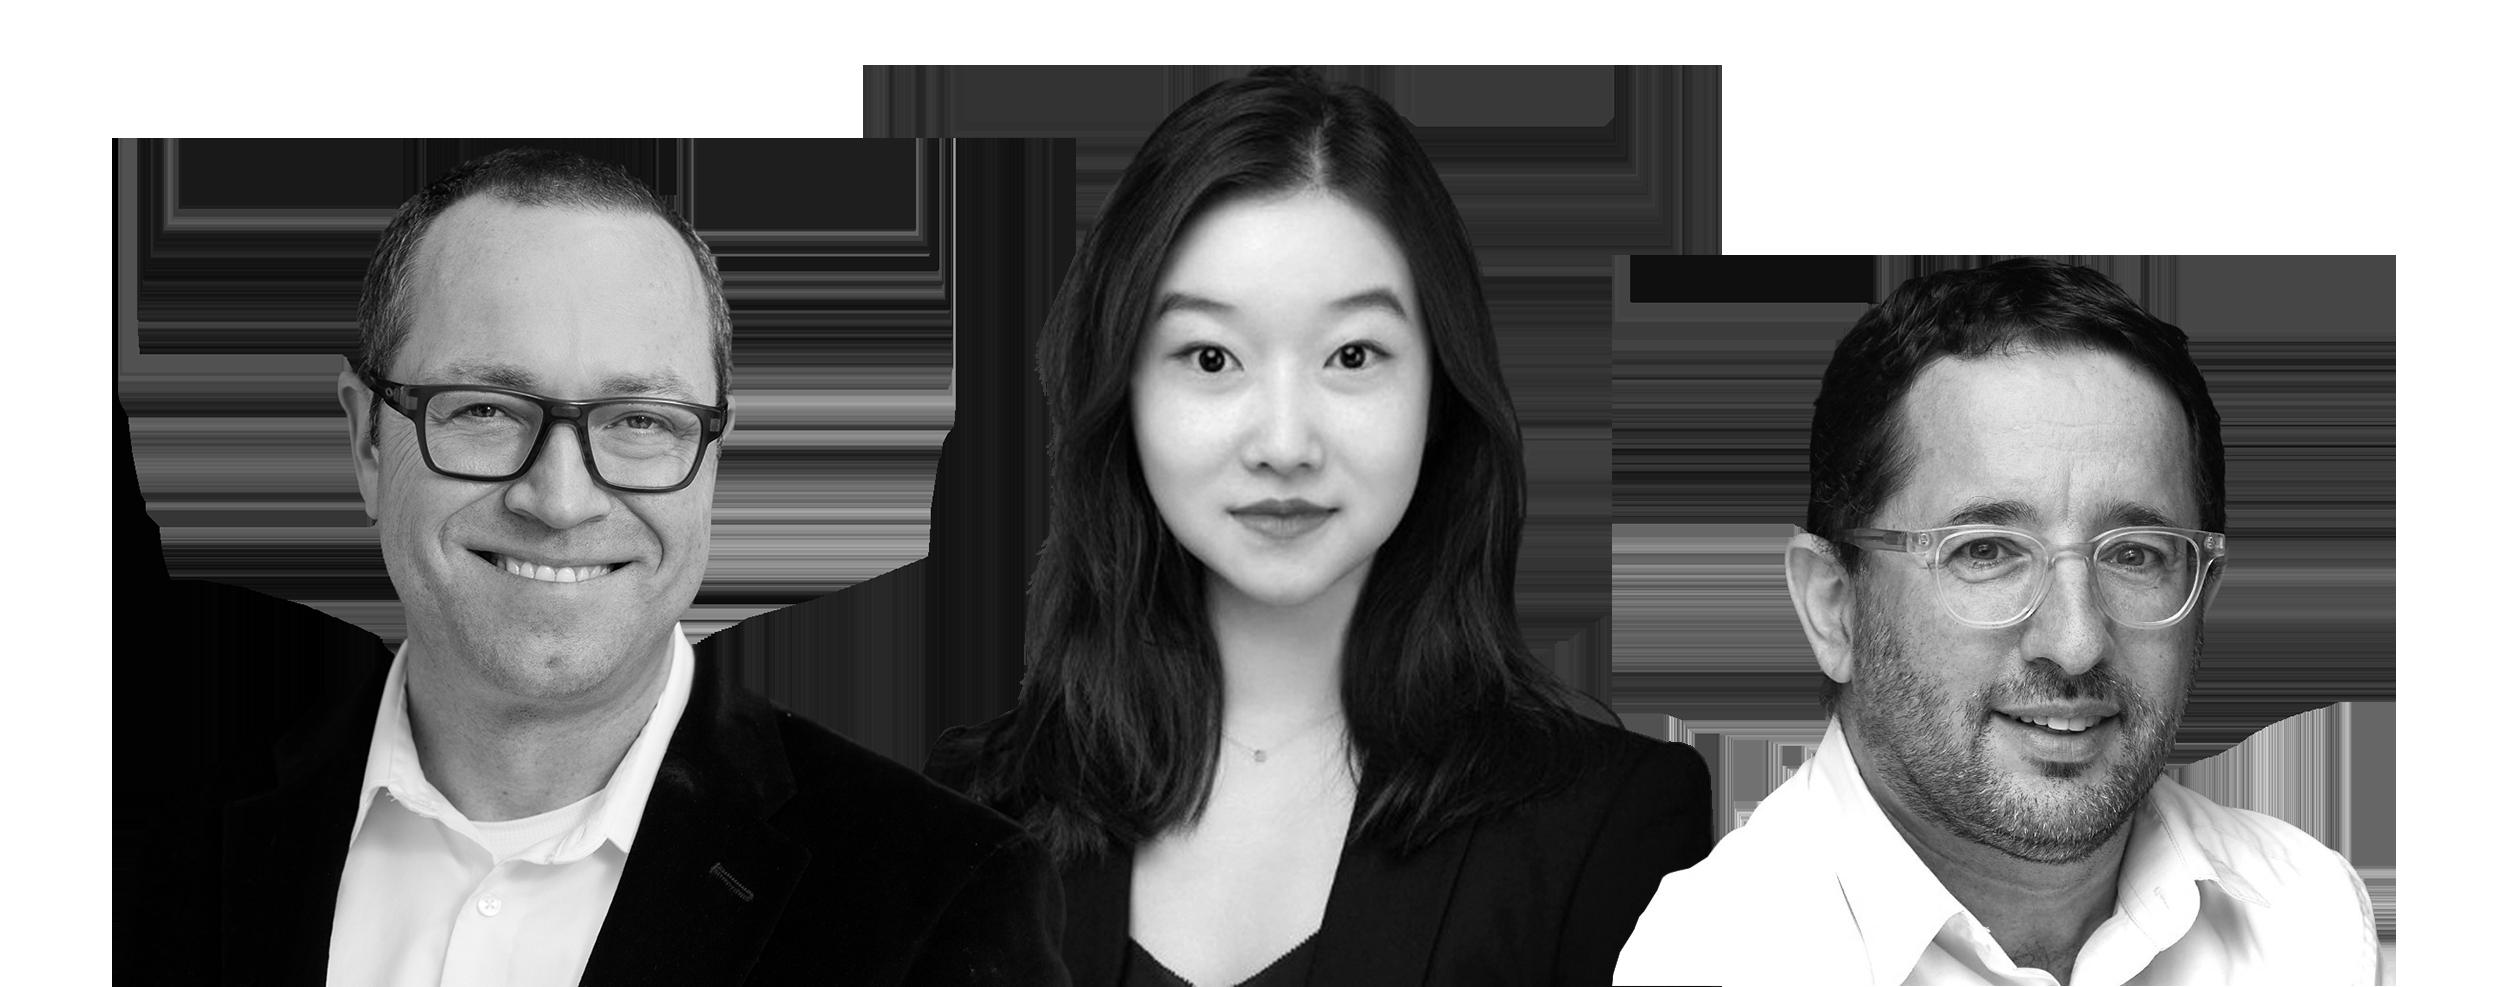 Max Kalehoff, Yasmine Yang and Oded Netzer